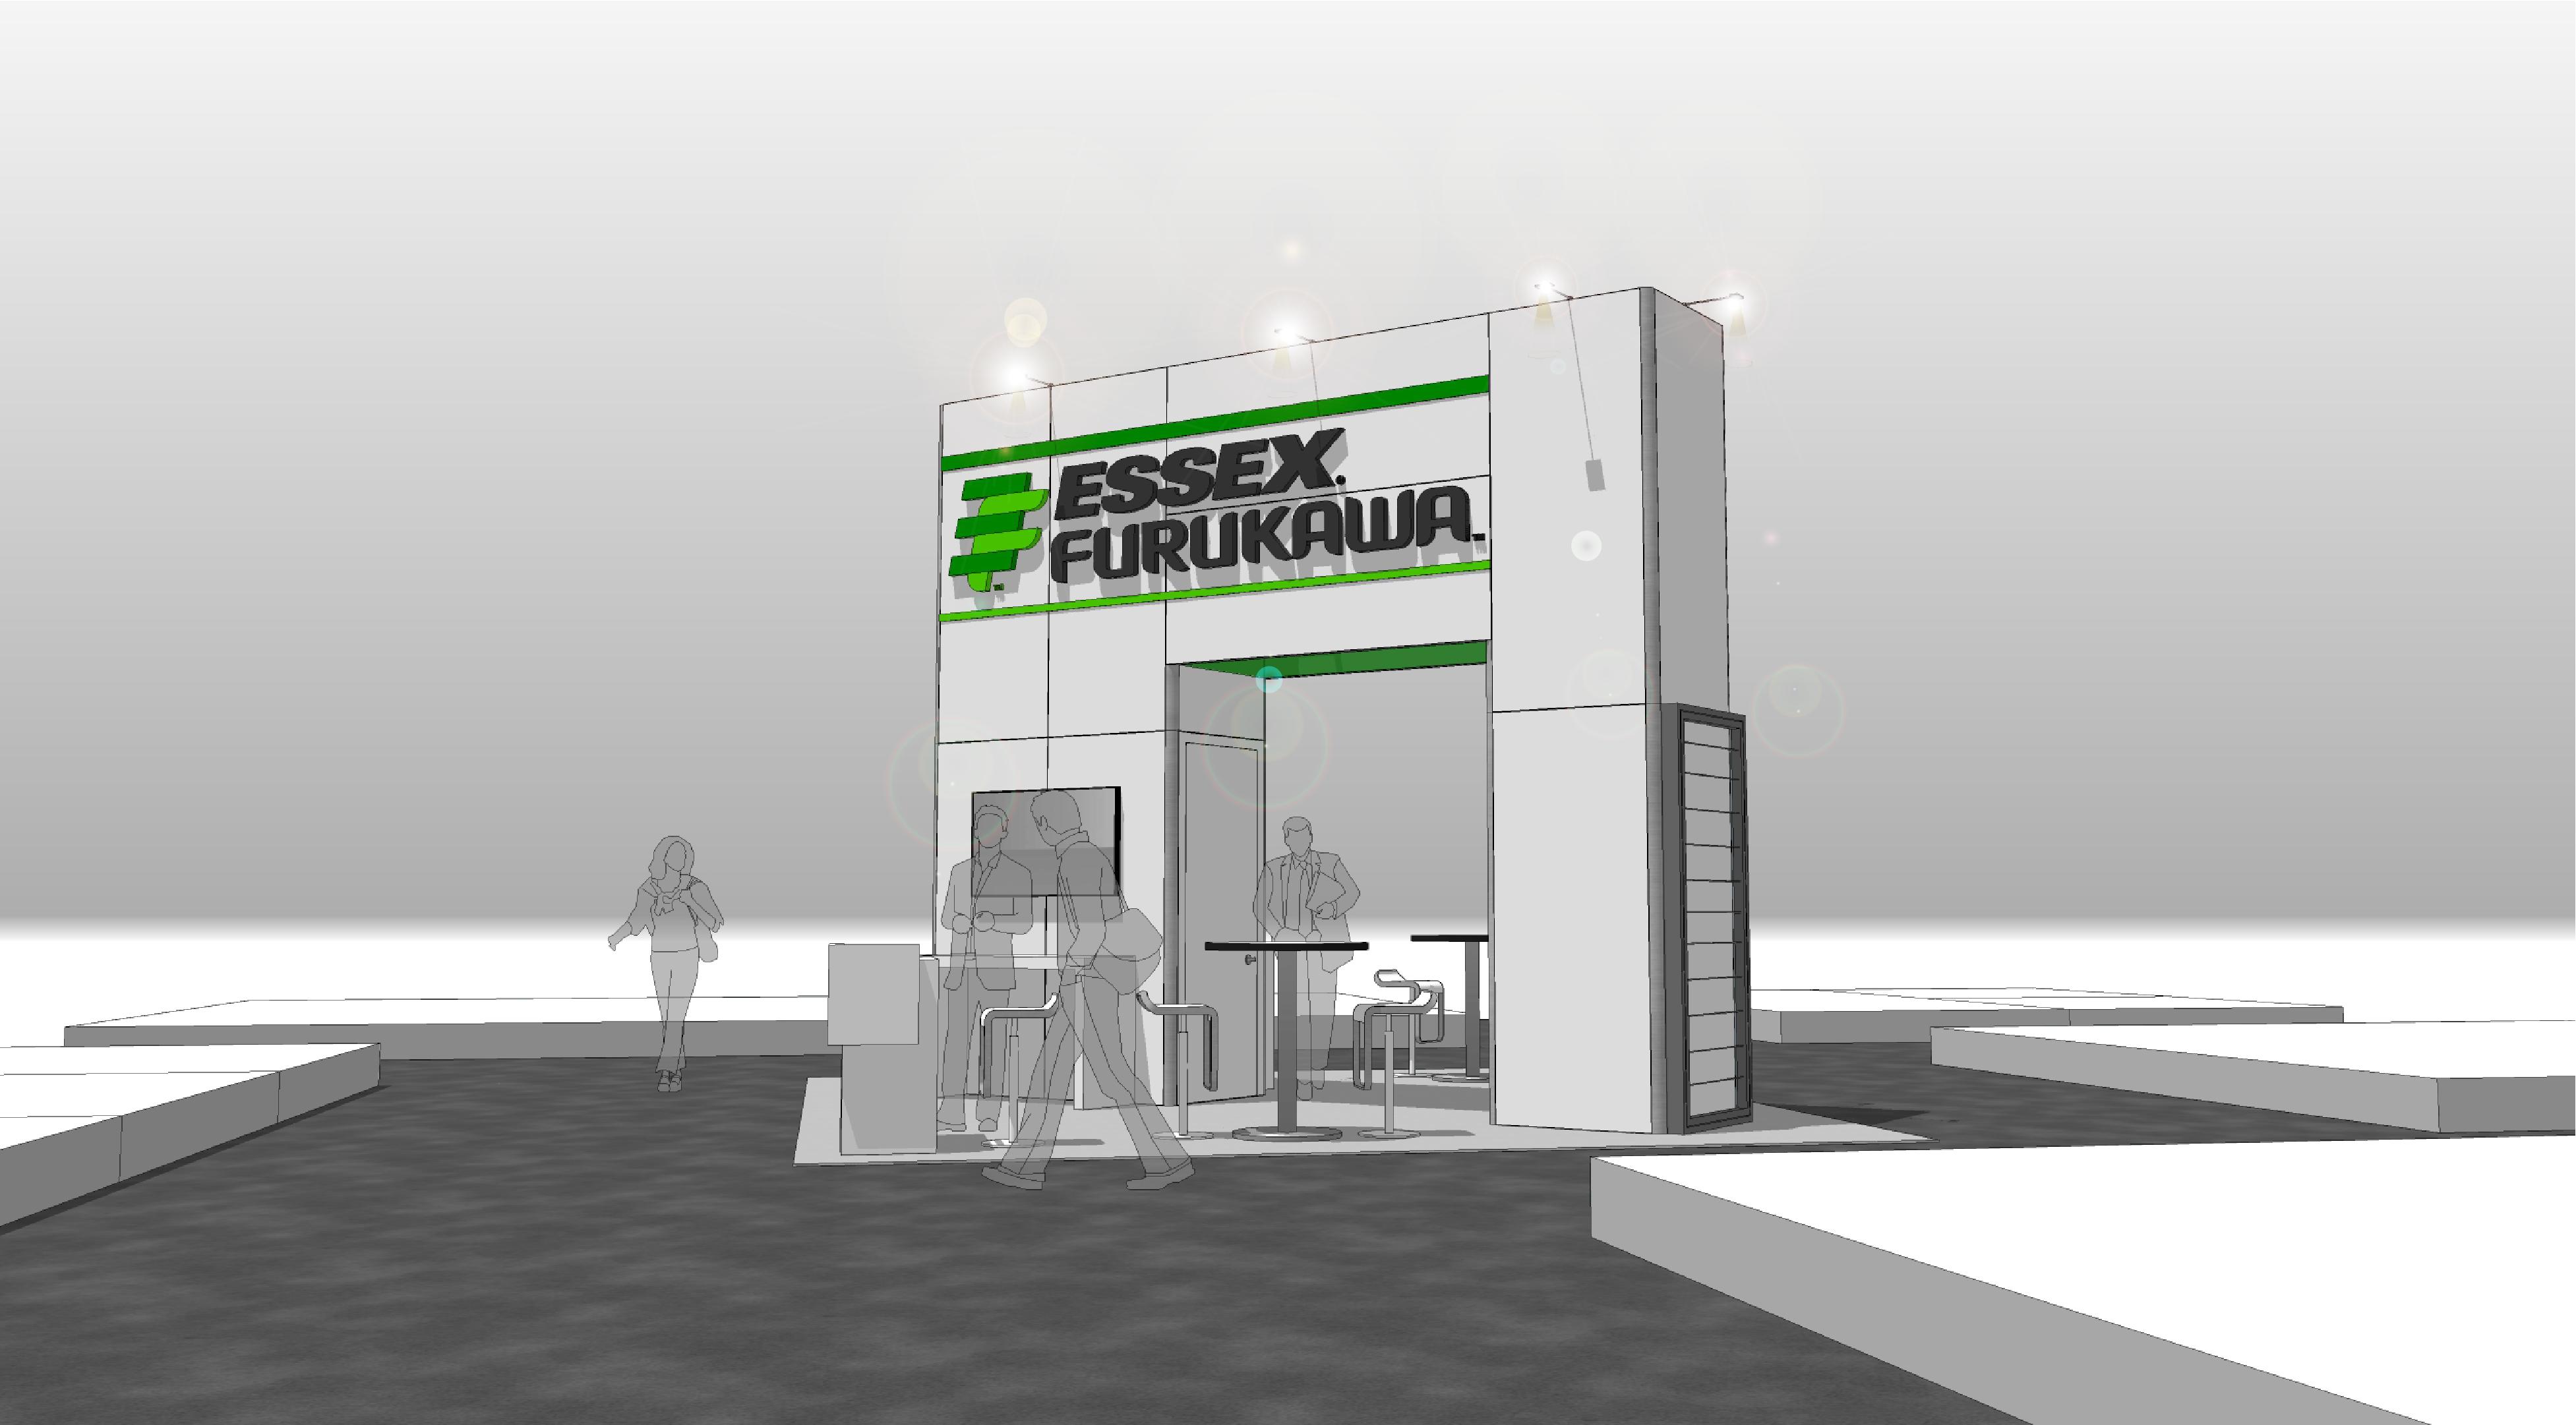 ESSEX.FURUKAWA